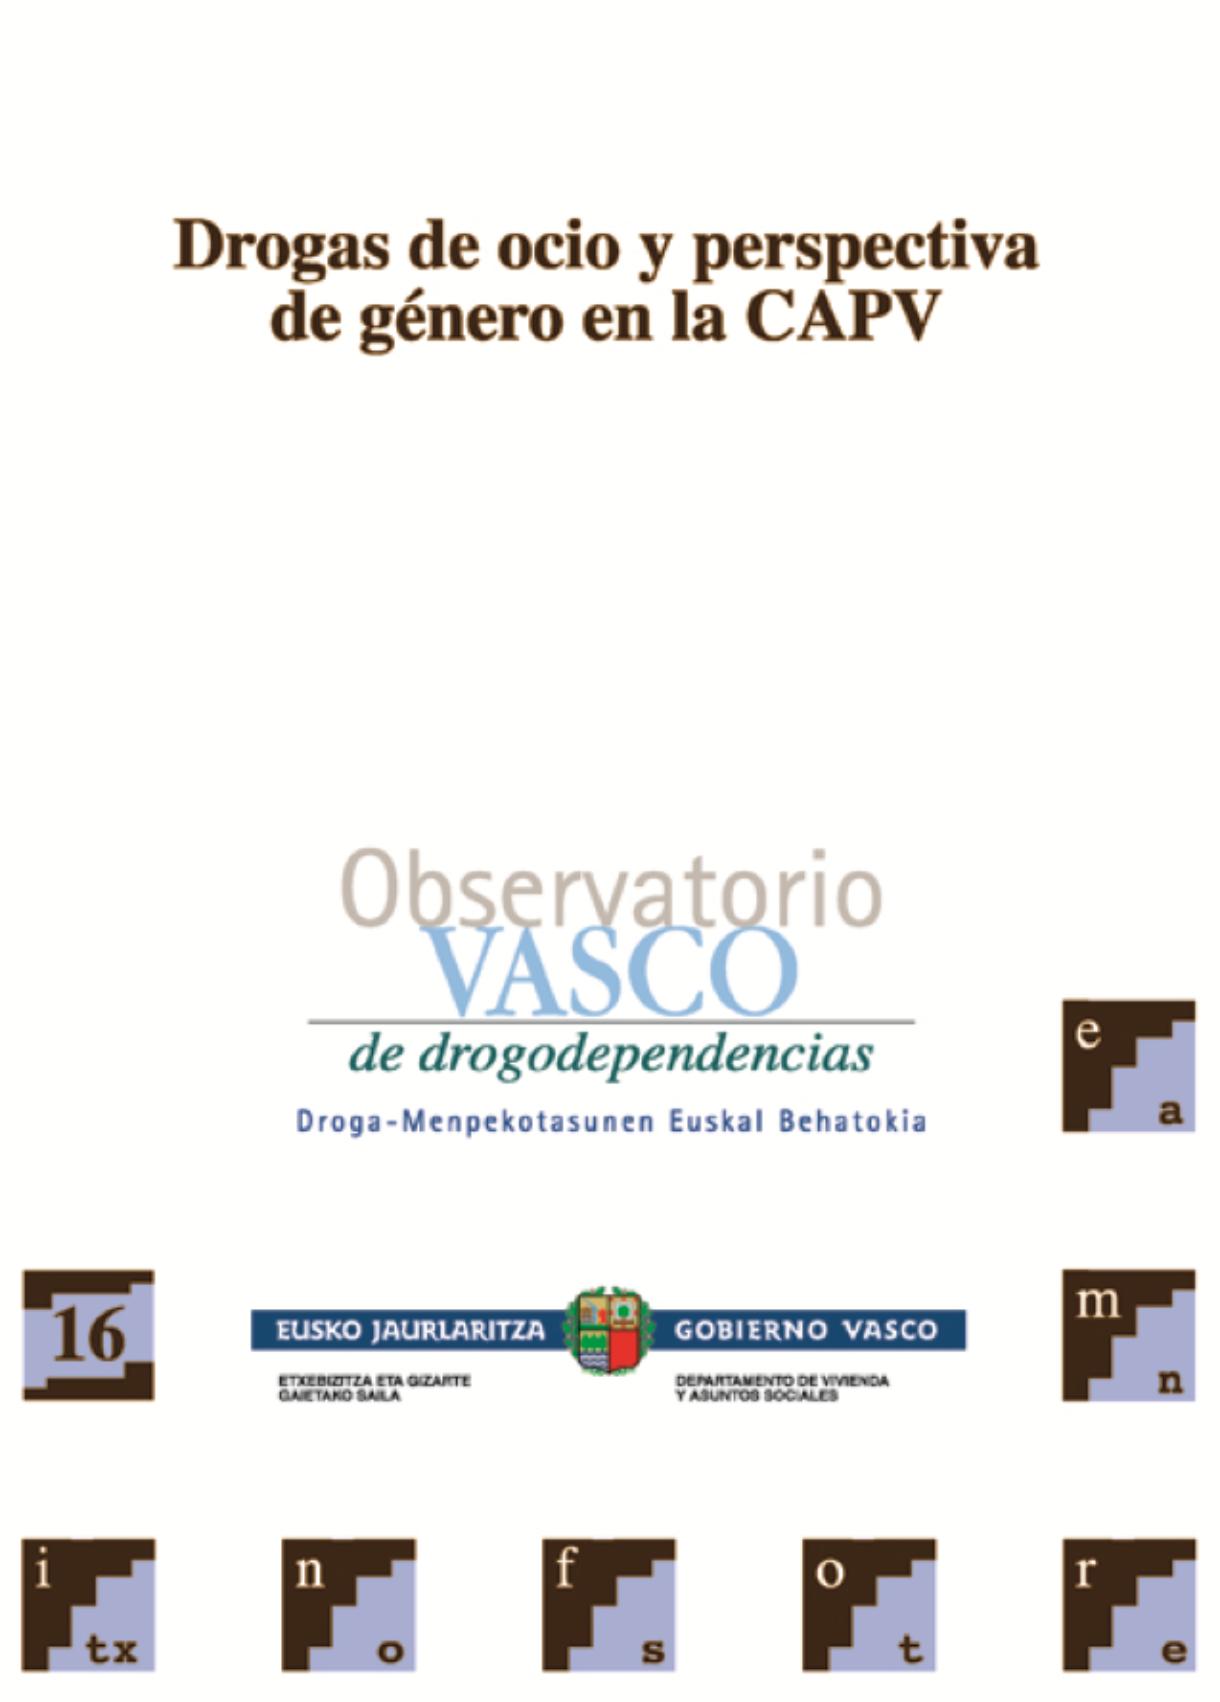 Drogas de ocio y perspectiva de género en la CAPV